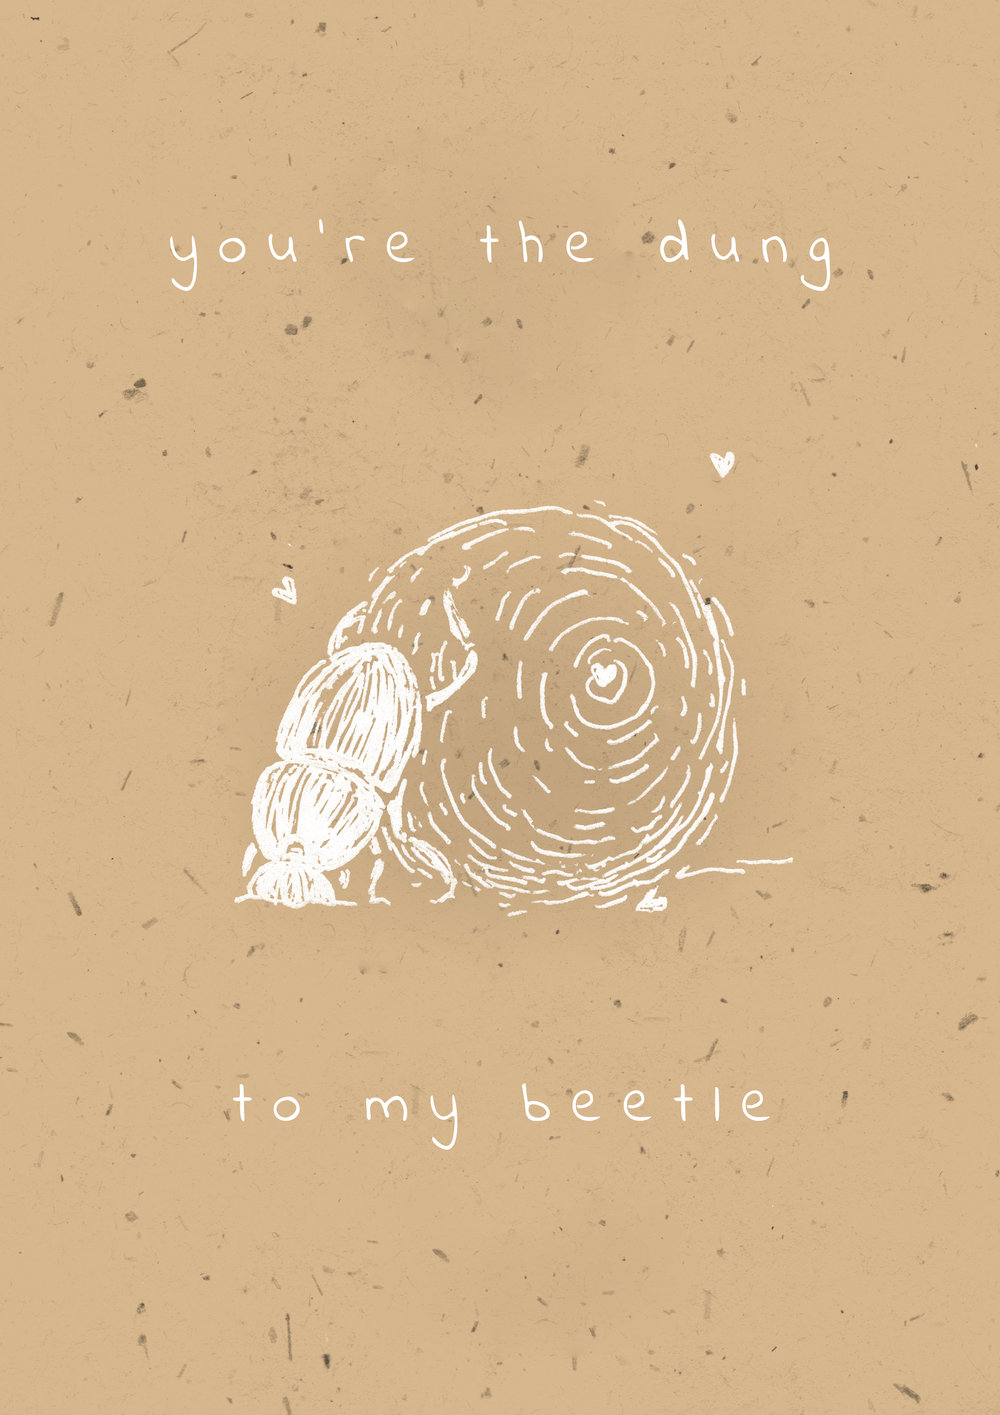 Dung Beetles